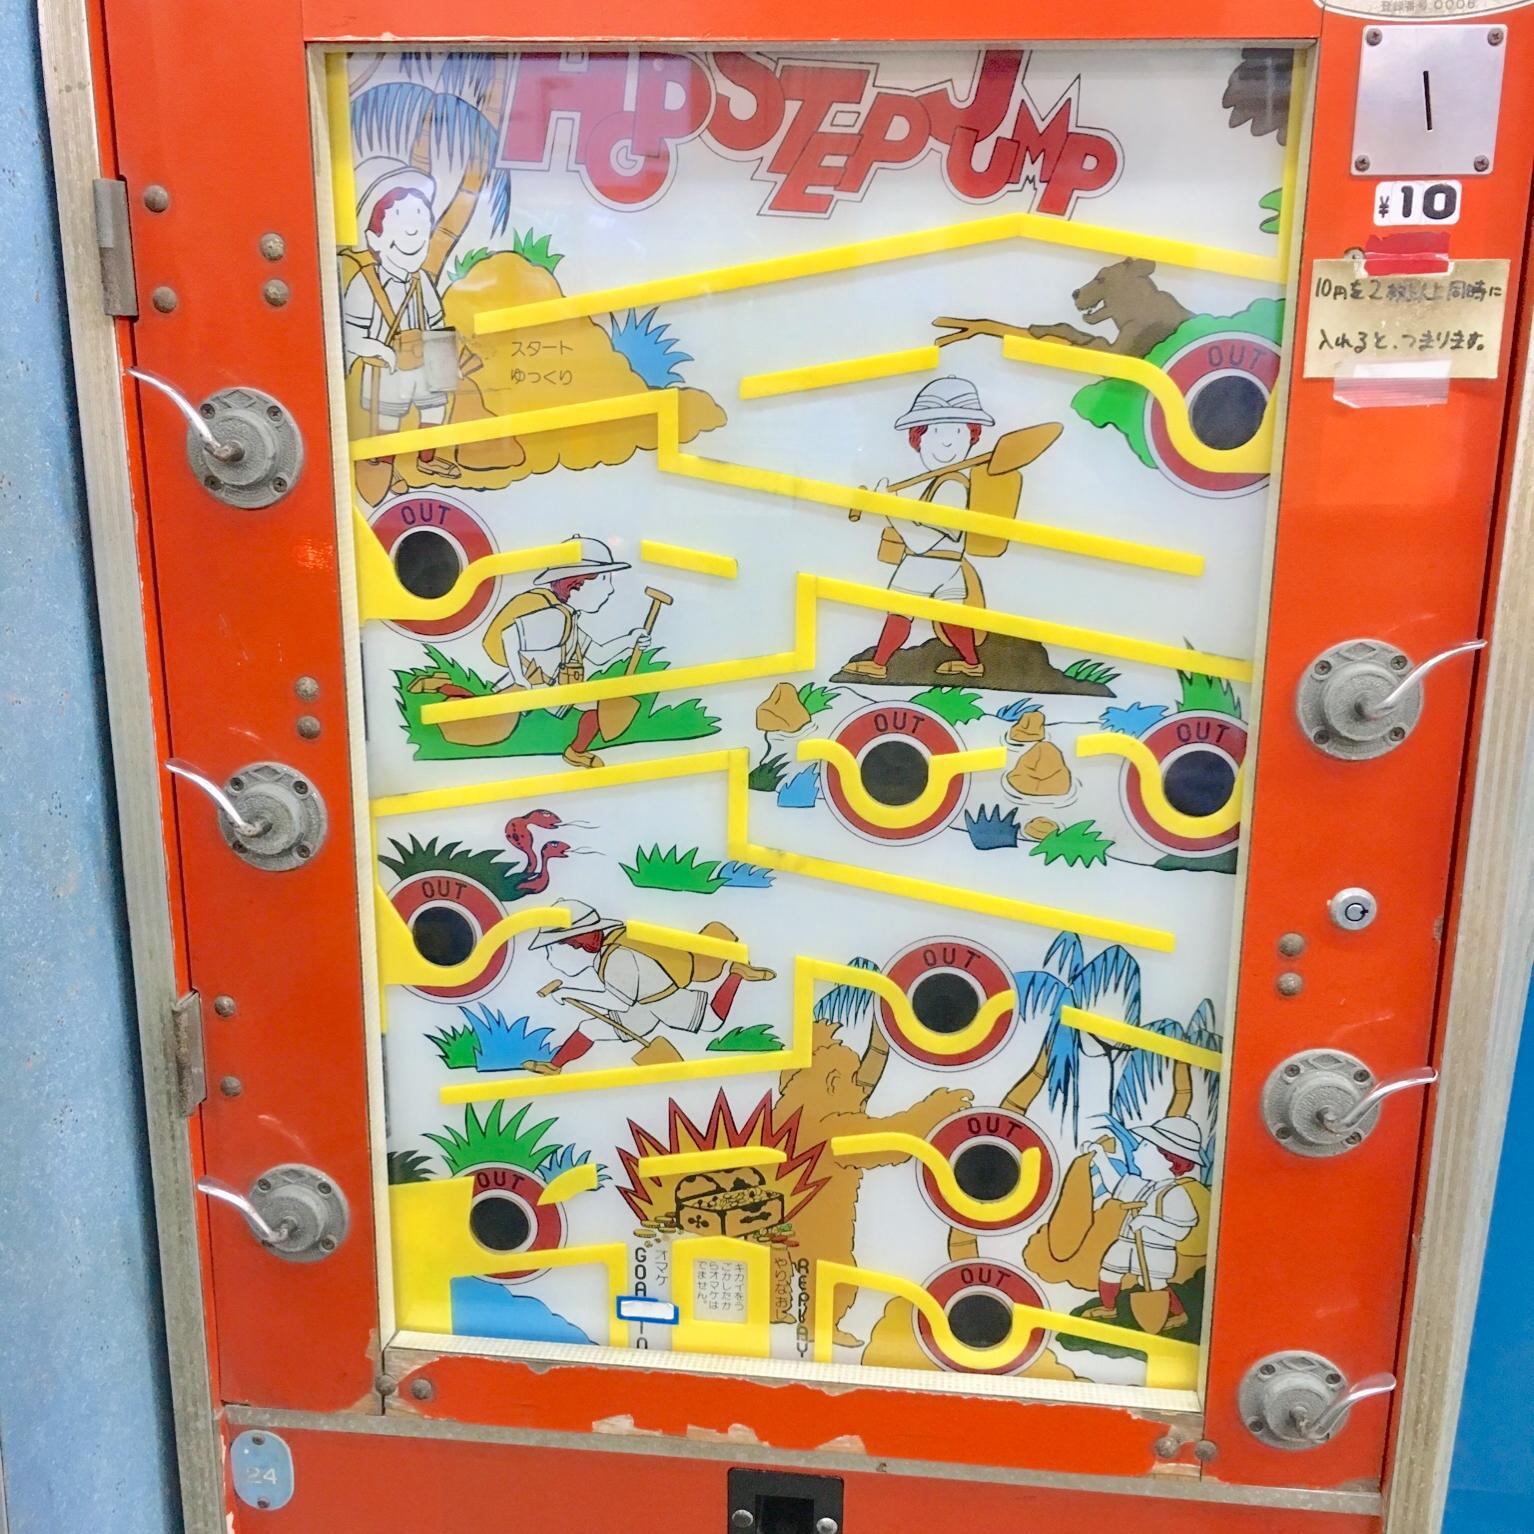 板橋本町|駄菓子屋ゲーム博物館で遊べる10円ゲームを紹介